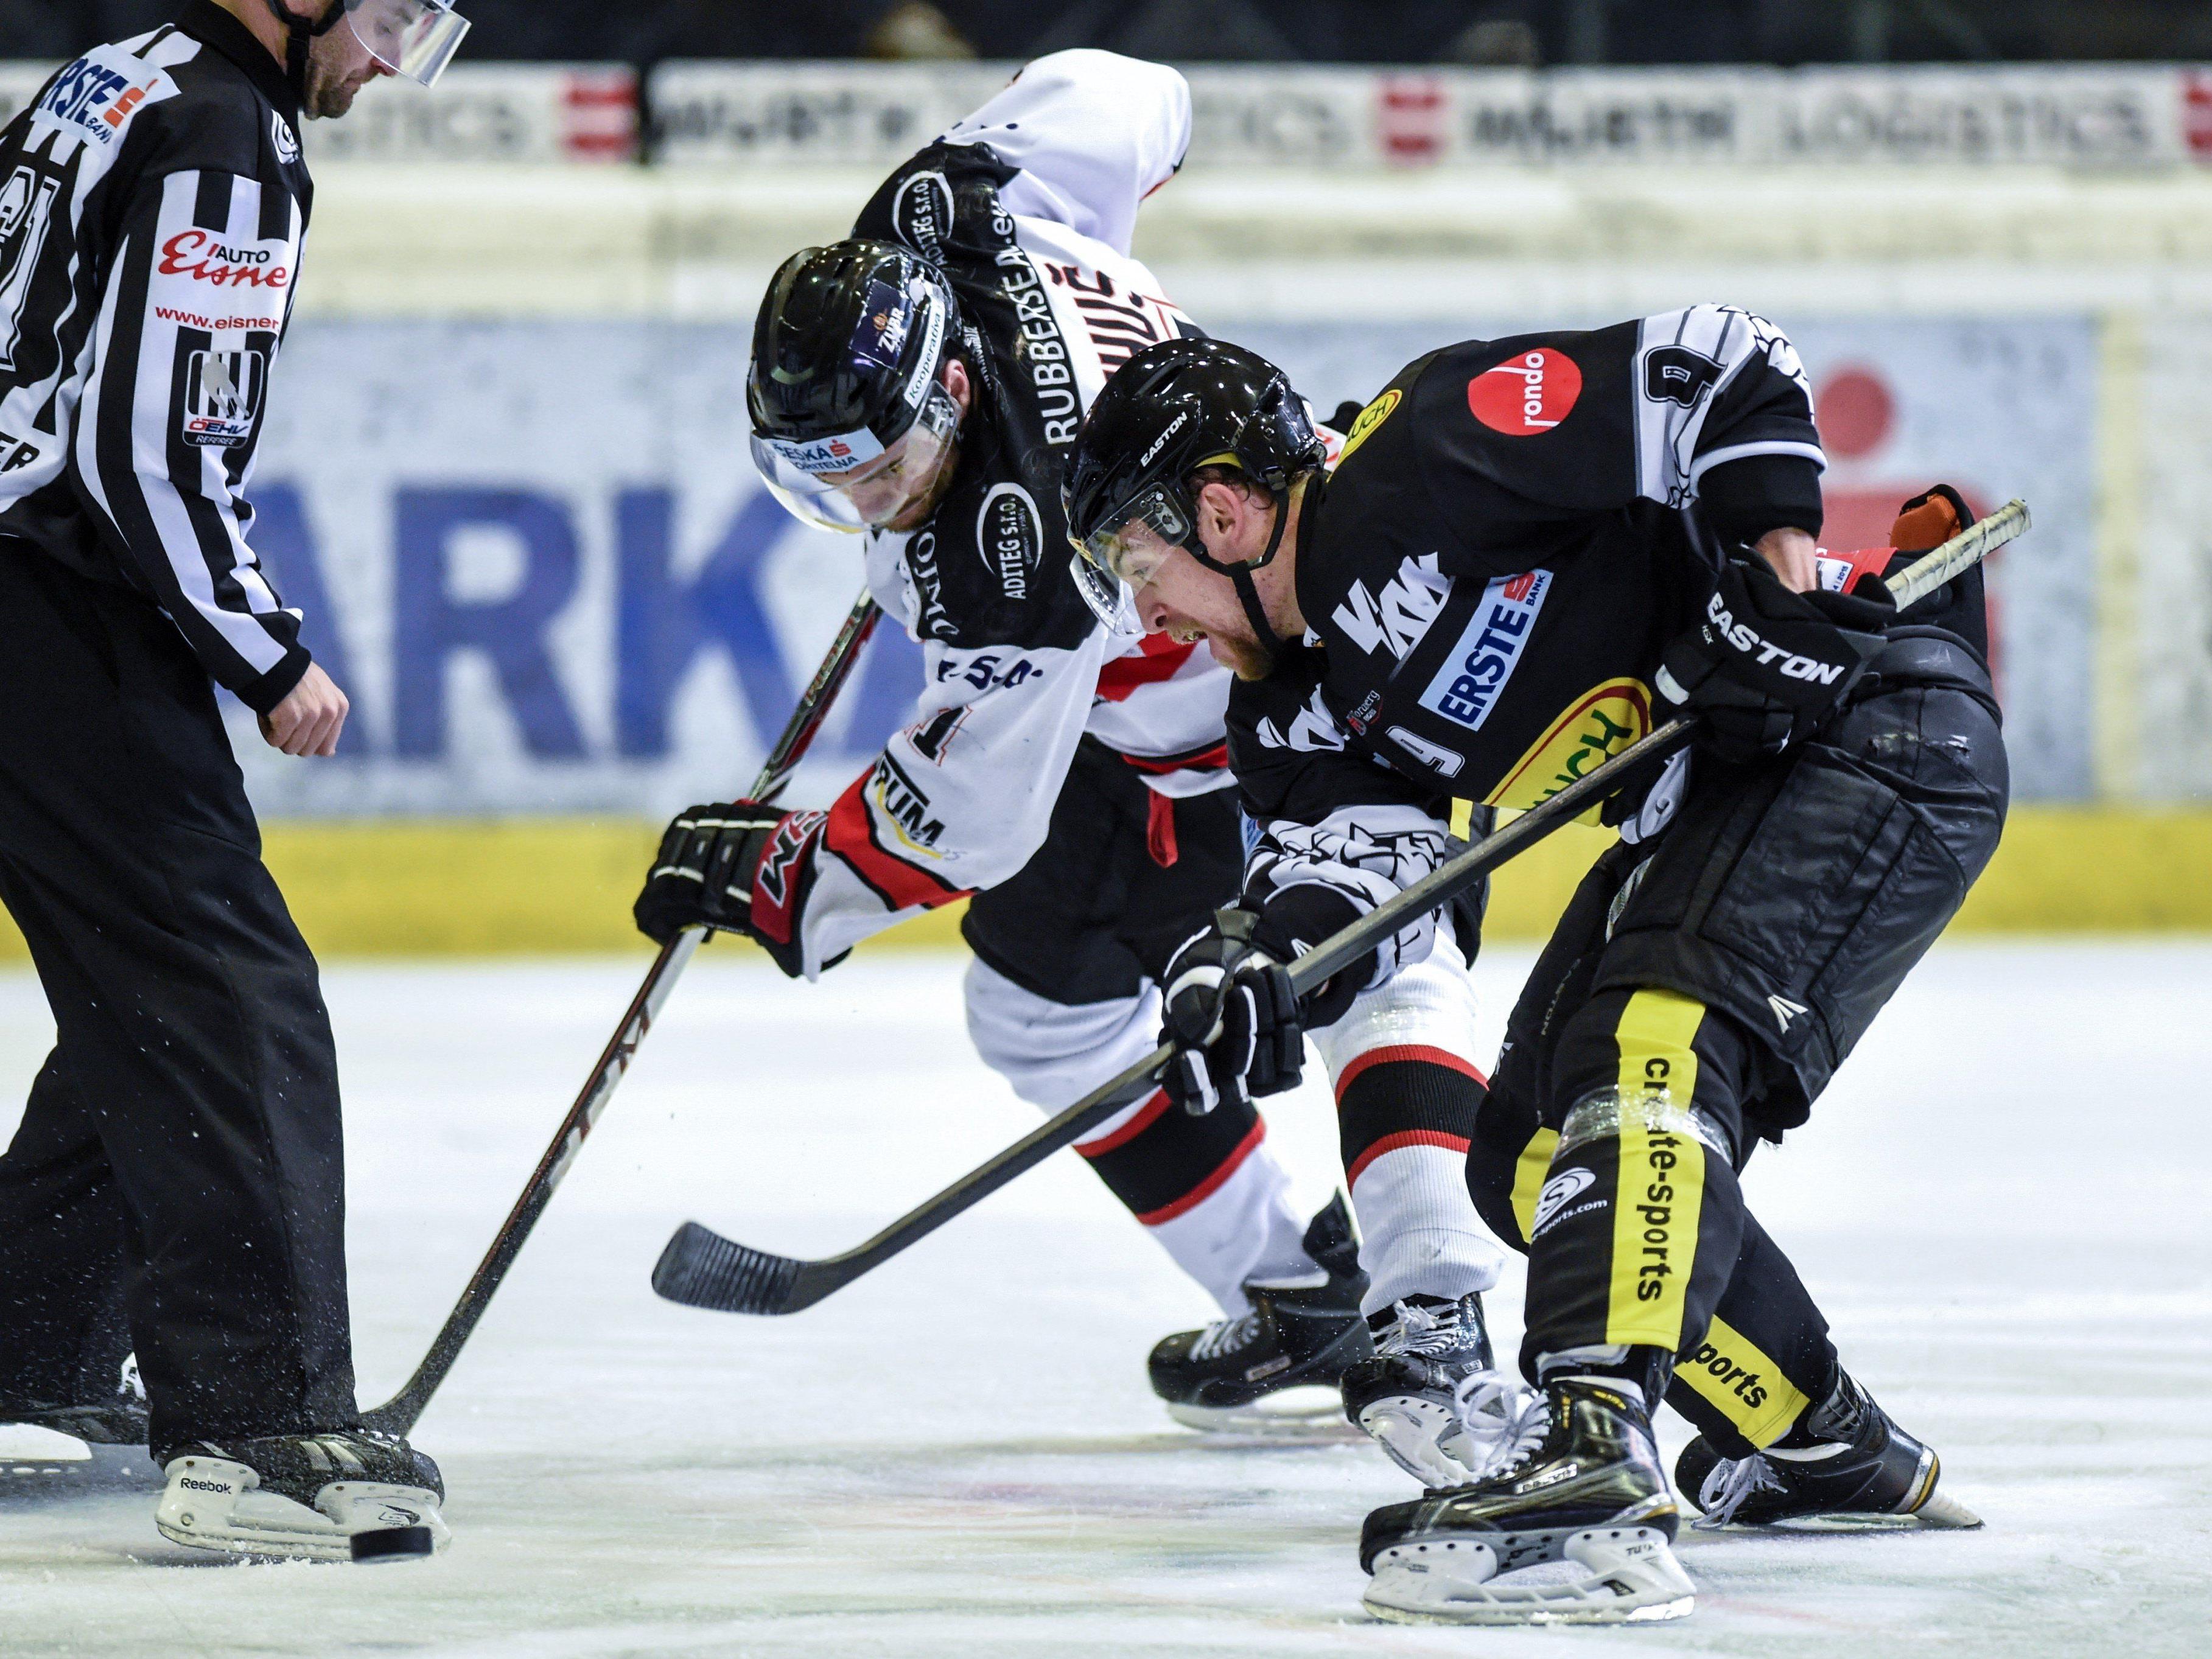 Eishockey in der Messehalle: Die Bulldogs müssen gegen den Tabellenführer ran.